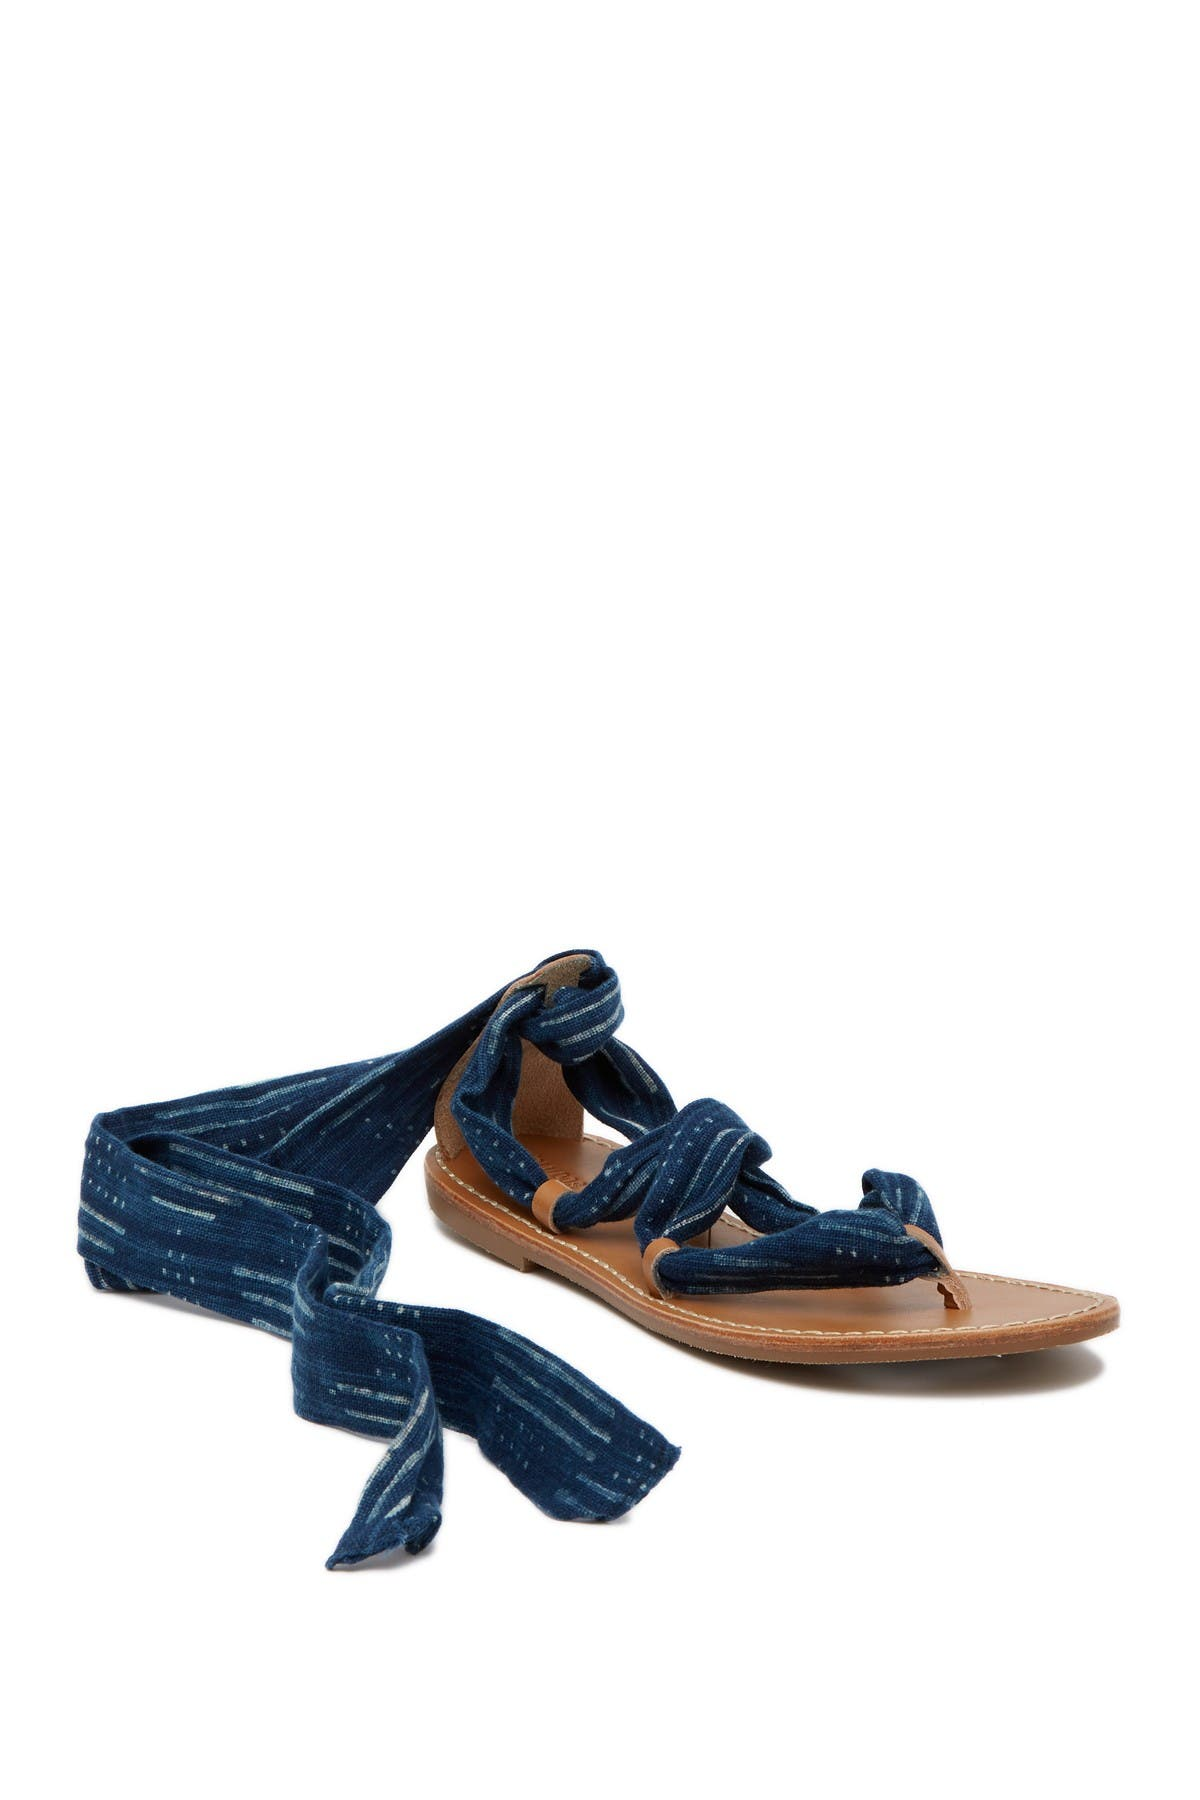 Image of Soludos Indigo Bandana Sandal